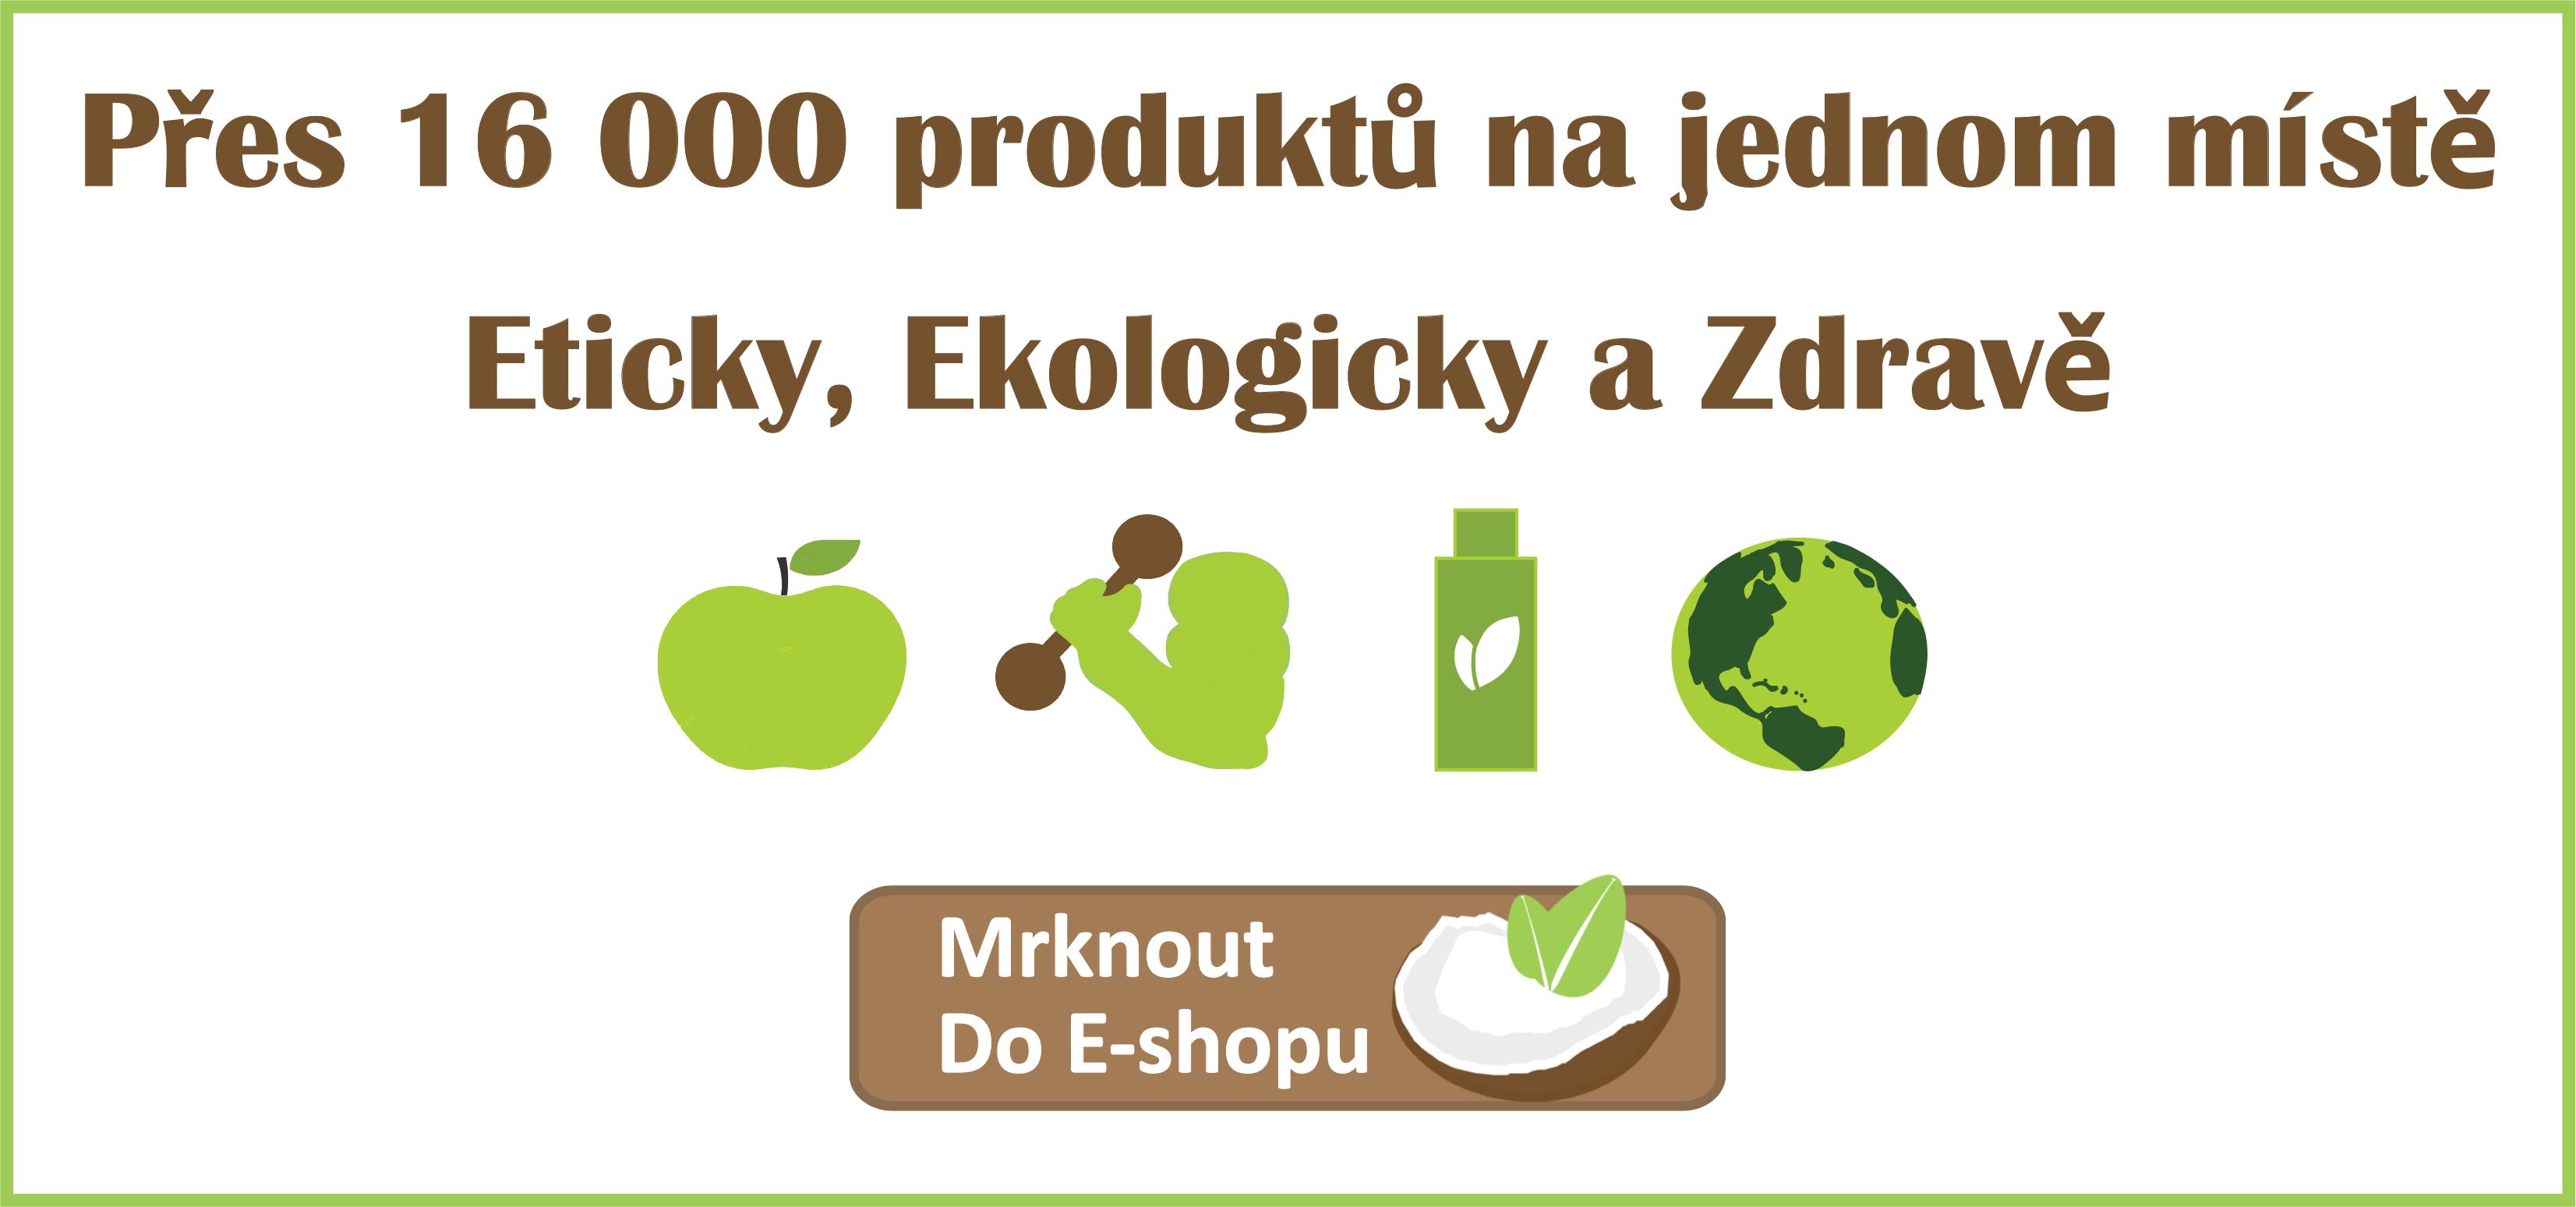 Banner 1 - Cocowoods.cz - Eticky, Ekologicky a Zdravě na jednom místě